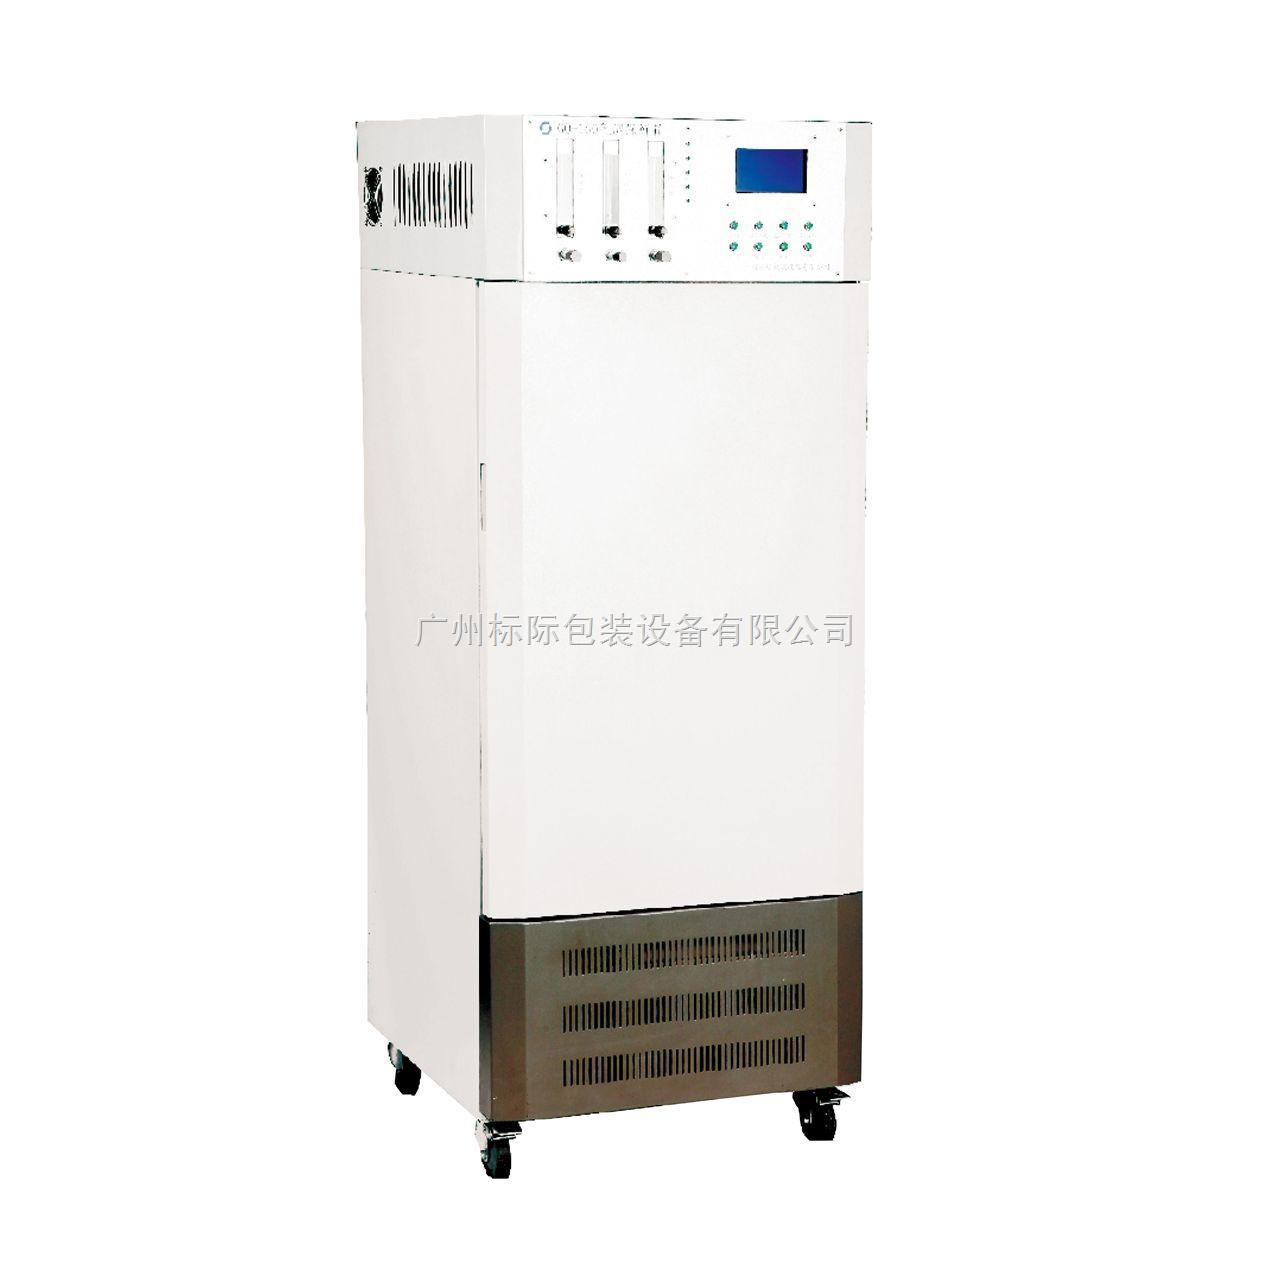 微生物气调保鲜箱厂家